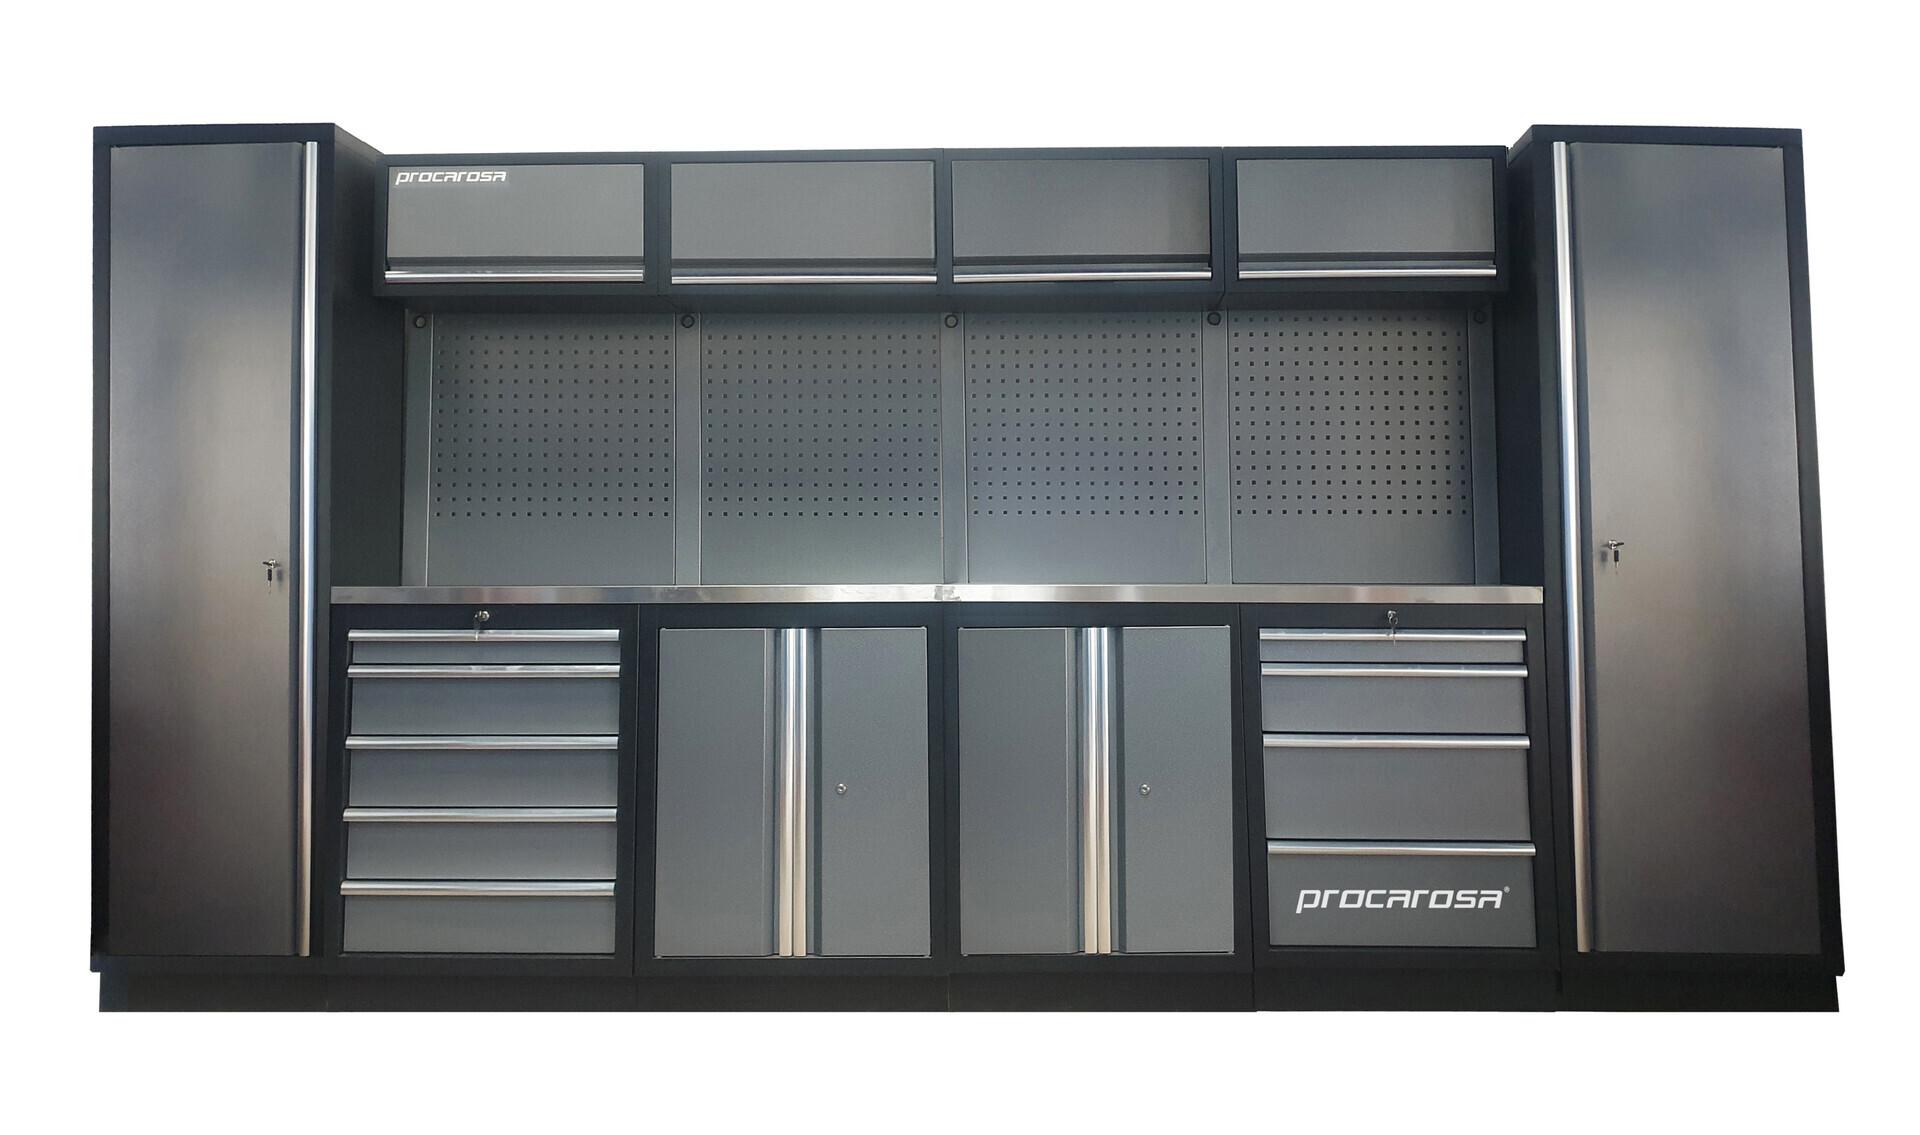 Sestava dílenského nábytku Procarosa PROFESSIONAL L-3 Pracovní deska: nerezová, Hmotnost: